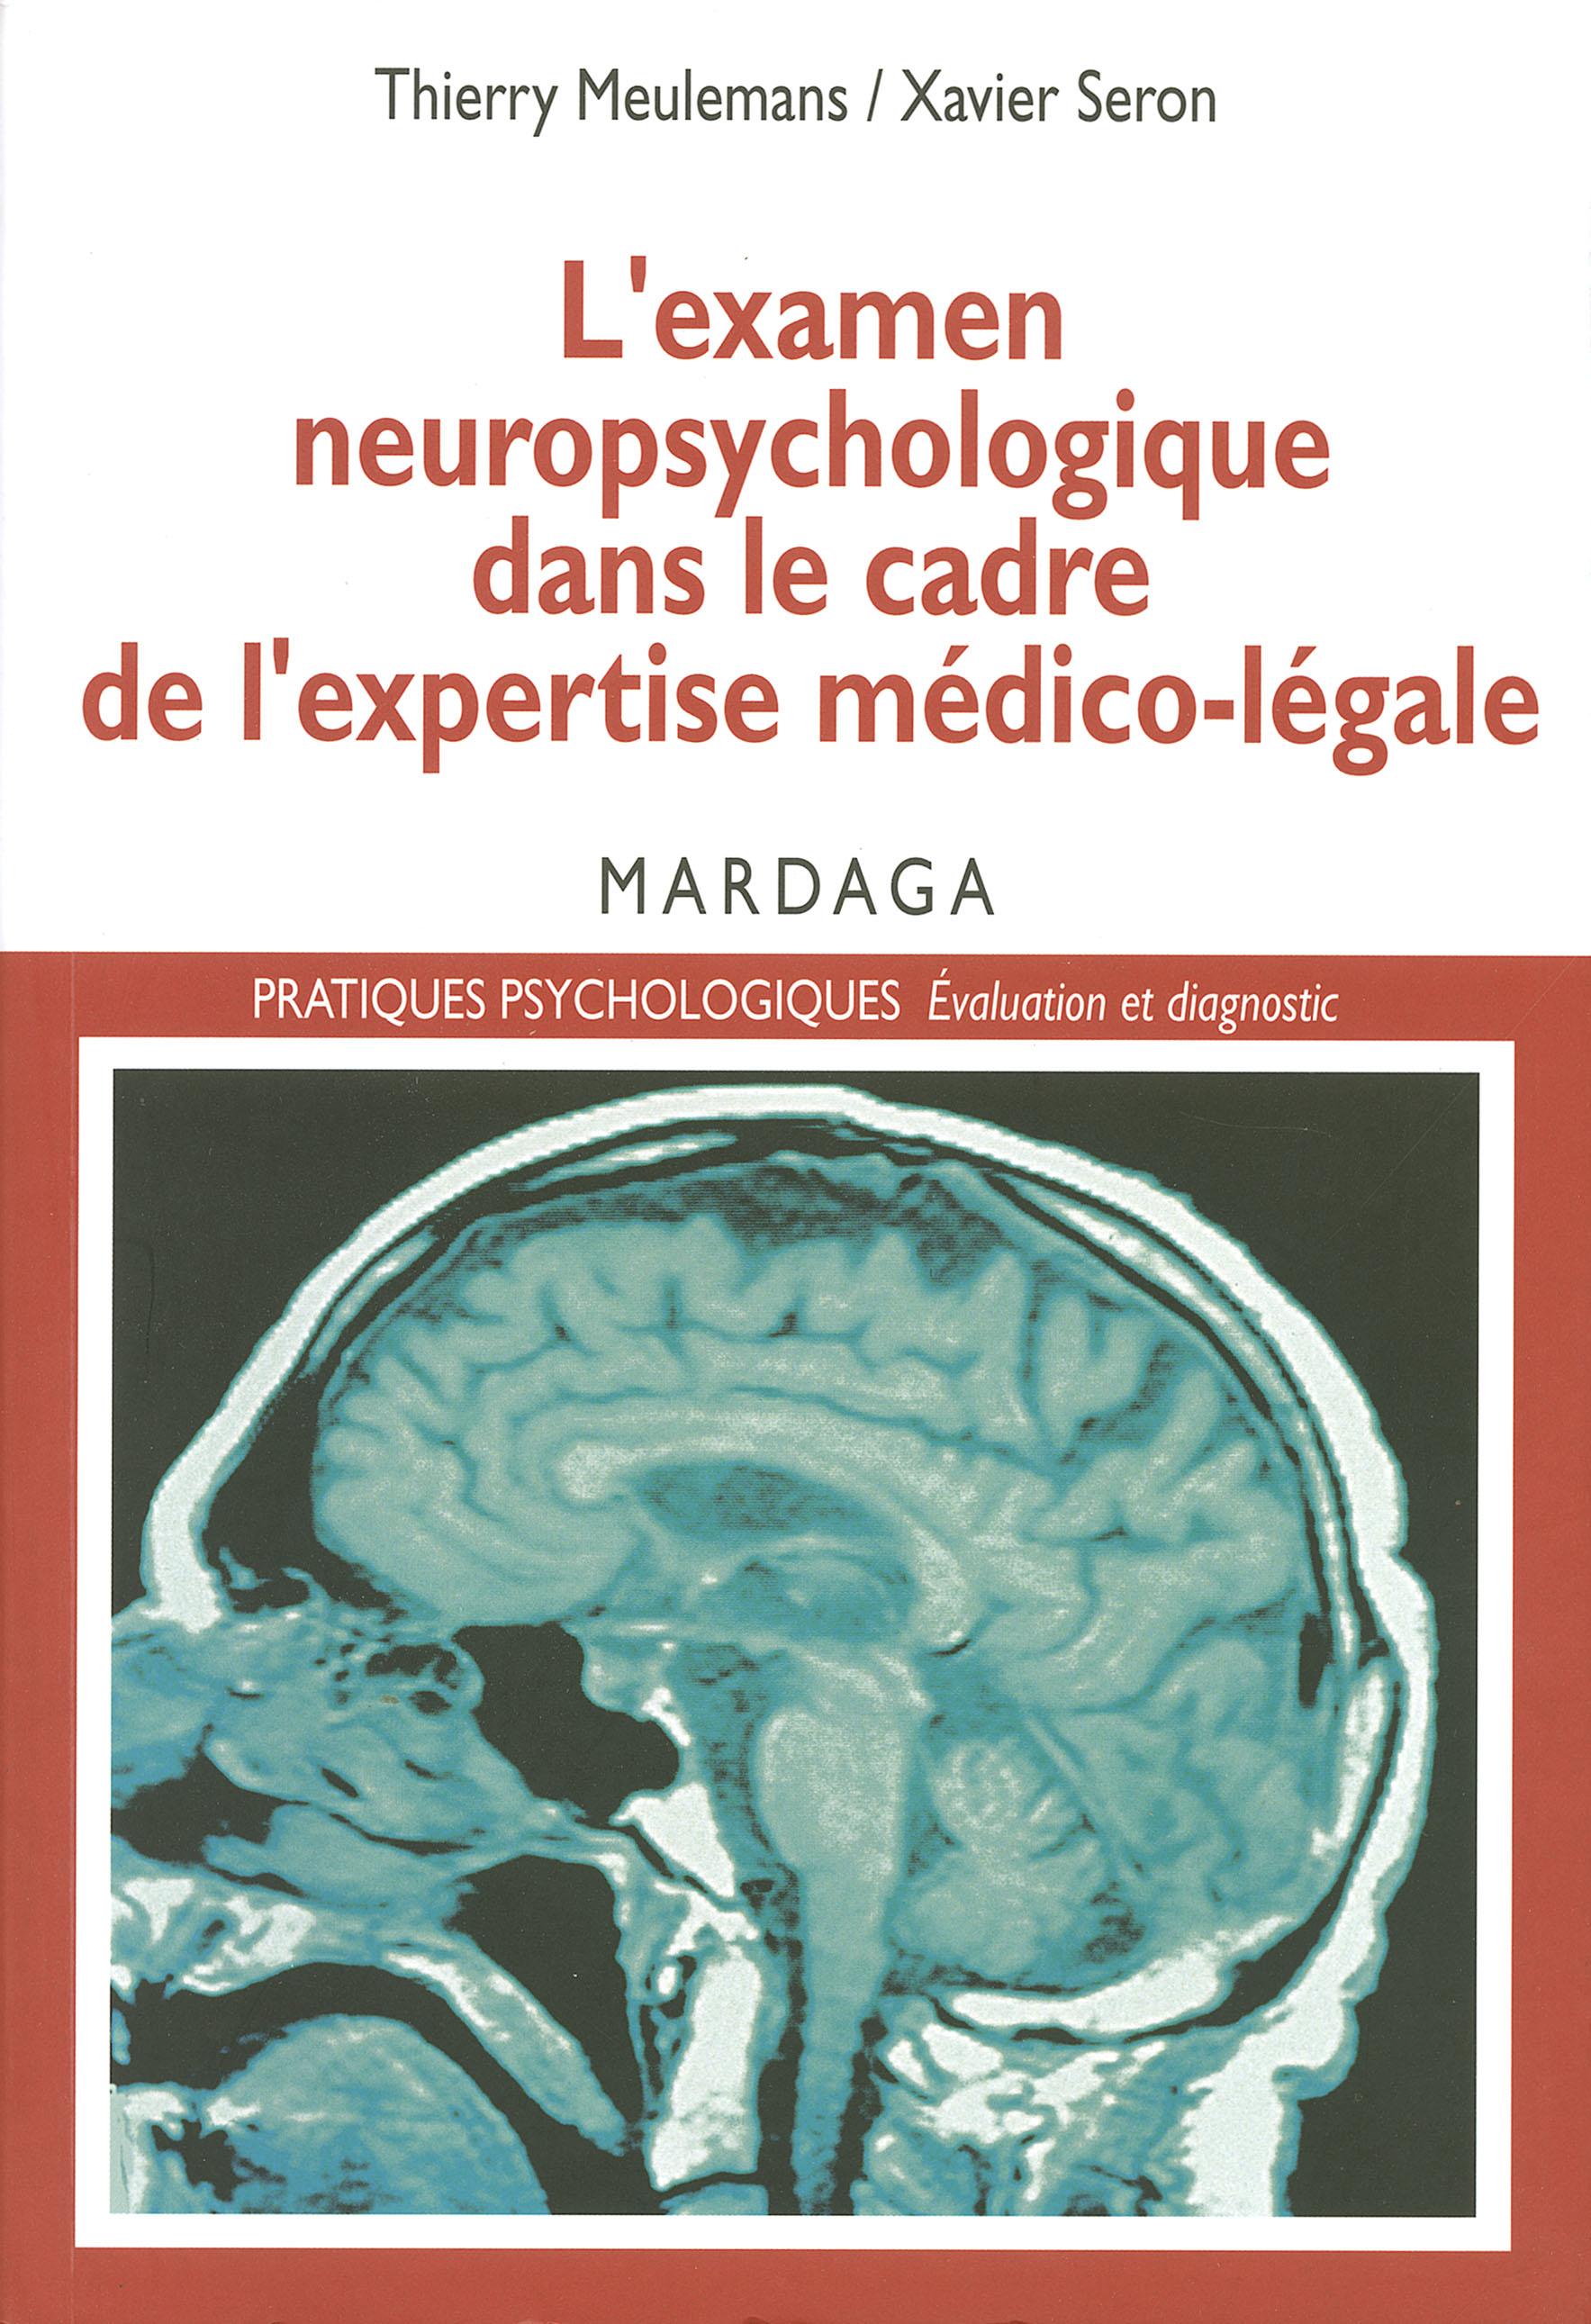 L'examen neuropsychologique dans le cadre de l'expertise médico-légale, L'évaluation des séquelles cognitives